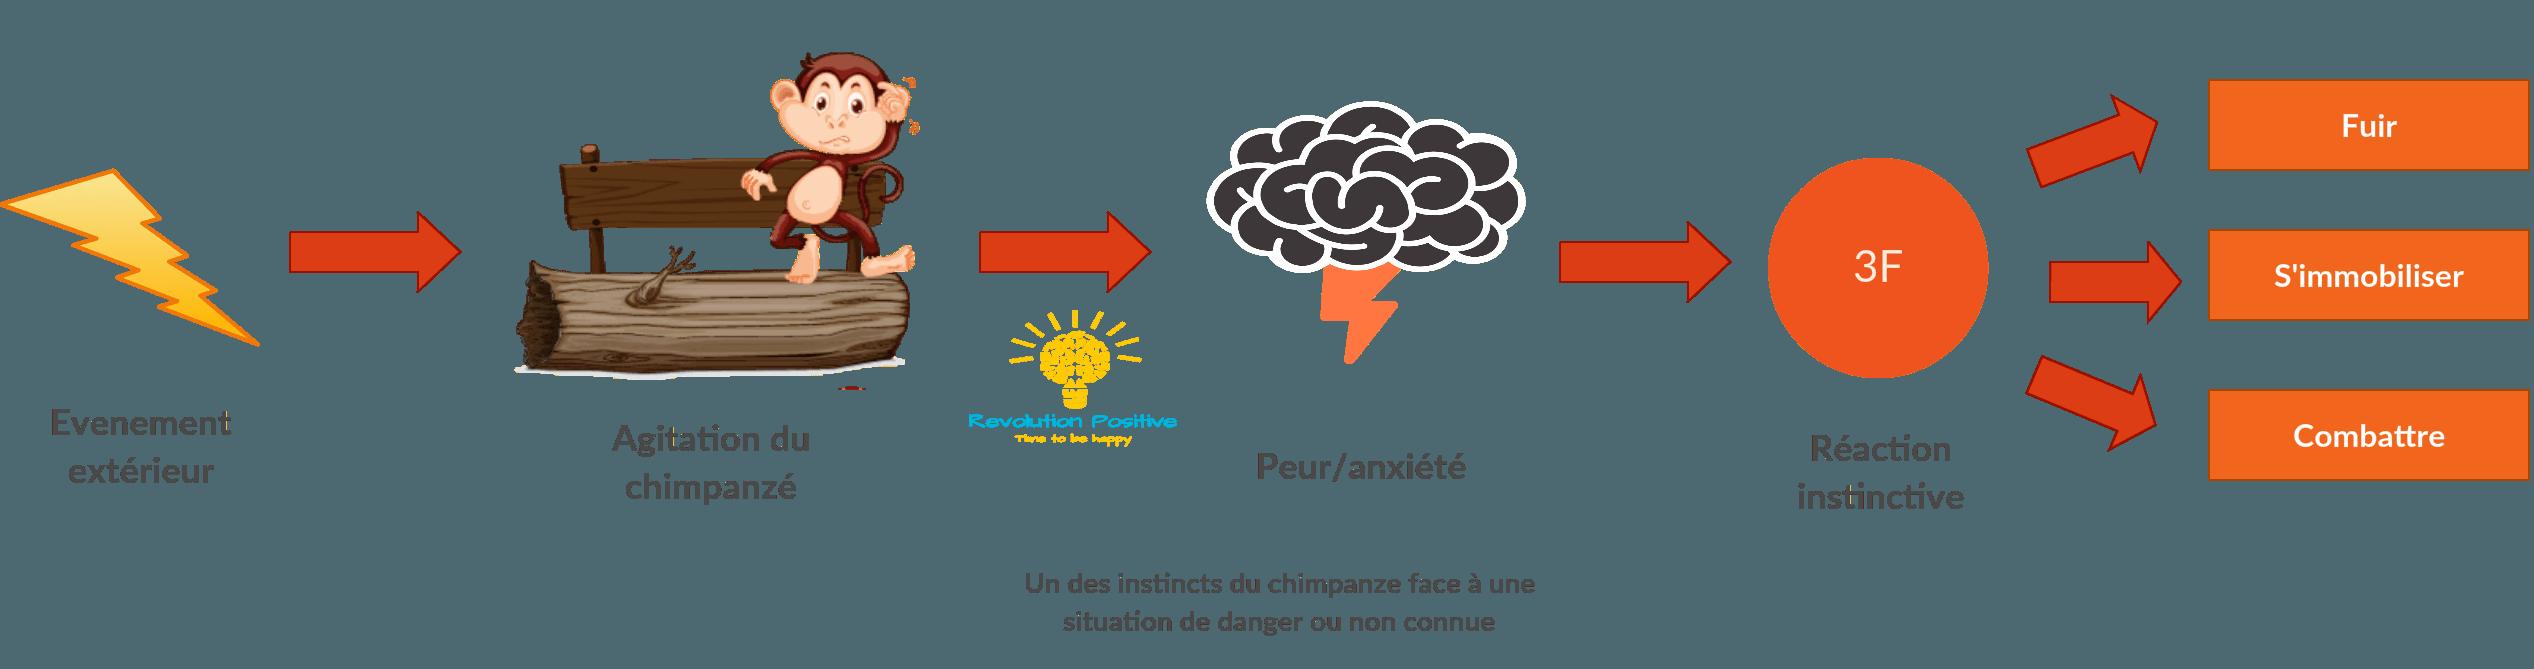 Reaction face au stresse. Combat, fuite ou immobilisation. Que faire face au stresse et face à de fortes émotions ?